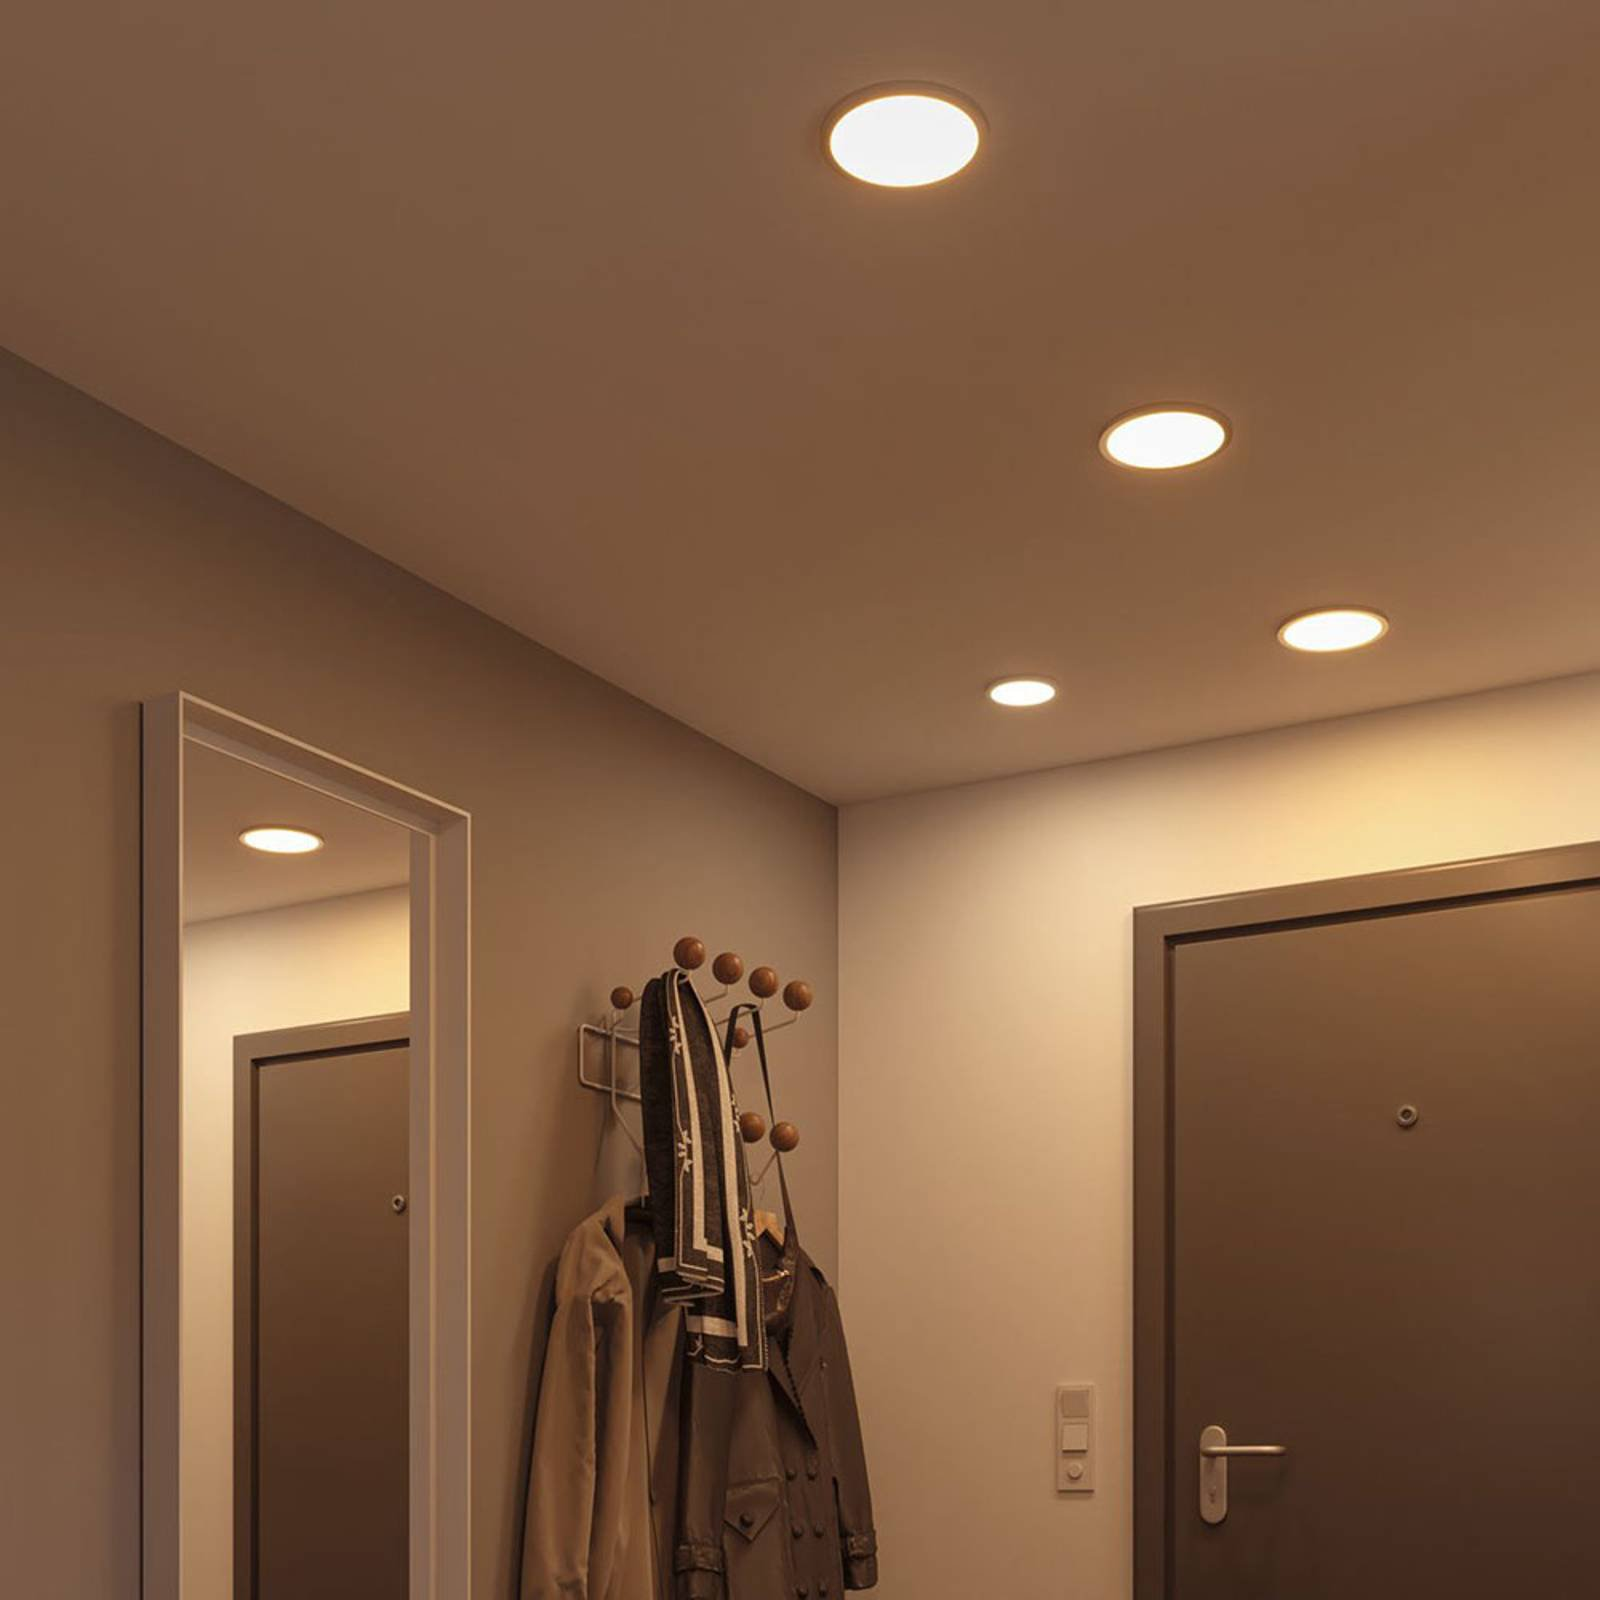 Paulmann LED-panel Areo 3 000 K rund hvit 17,5 cm